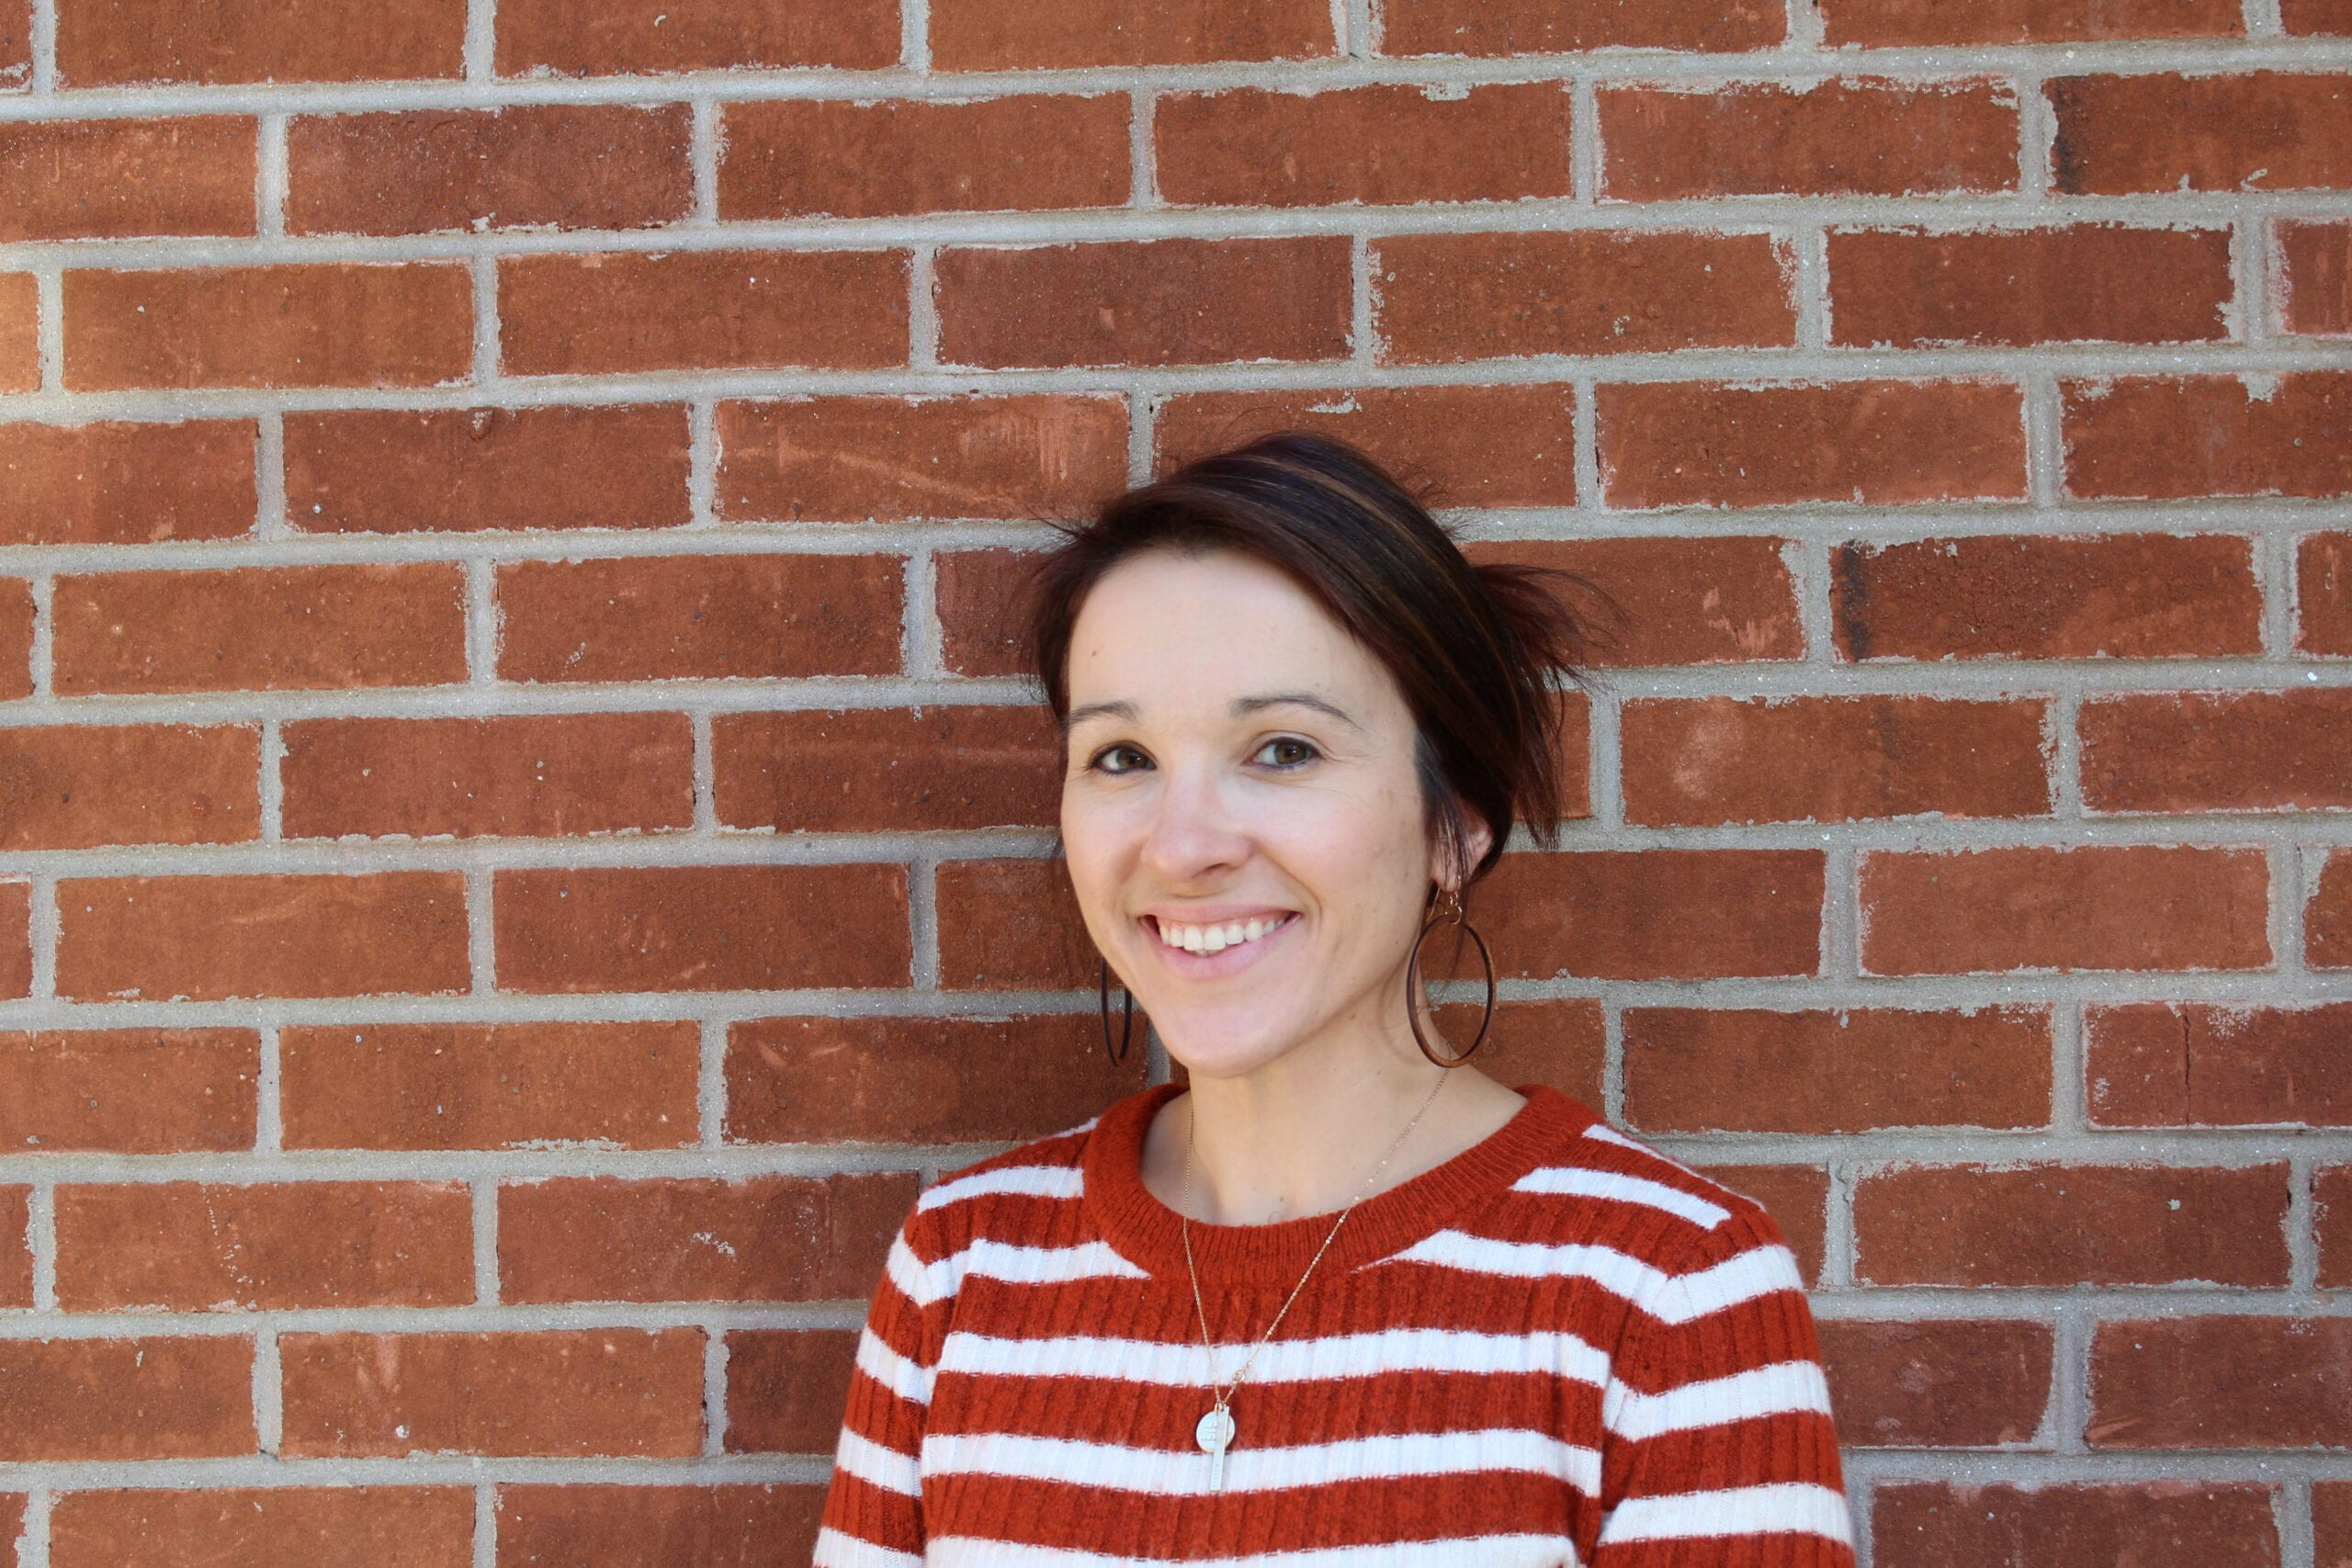 Kimberly O'Loughlin